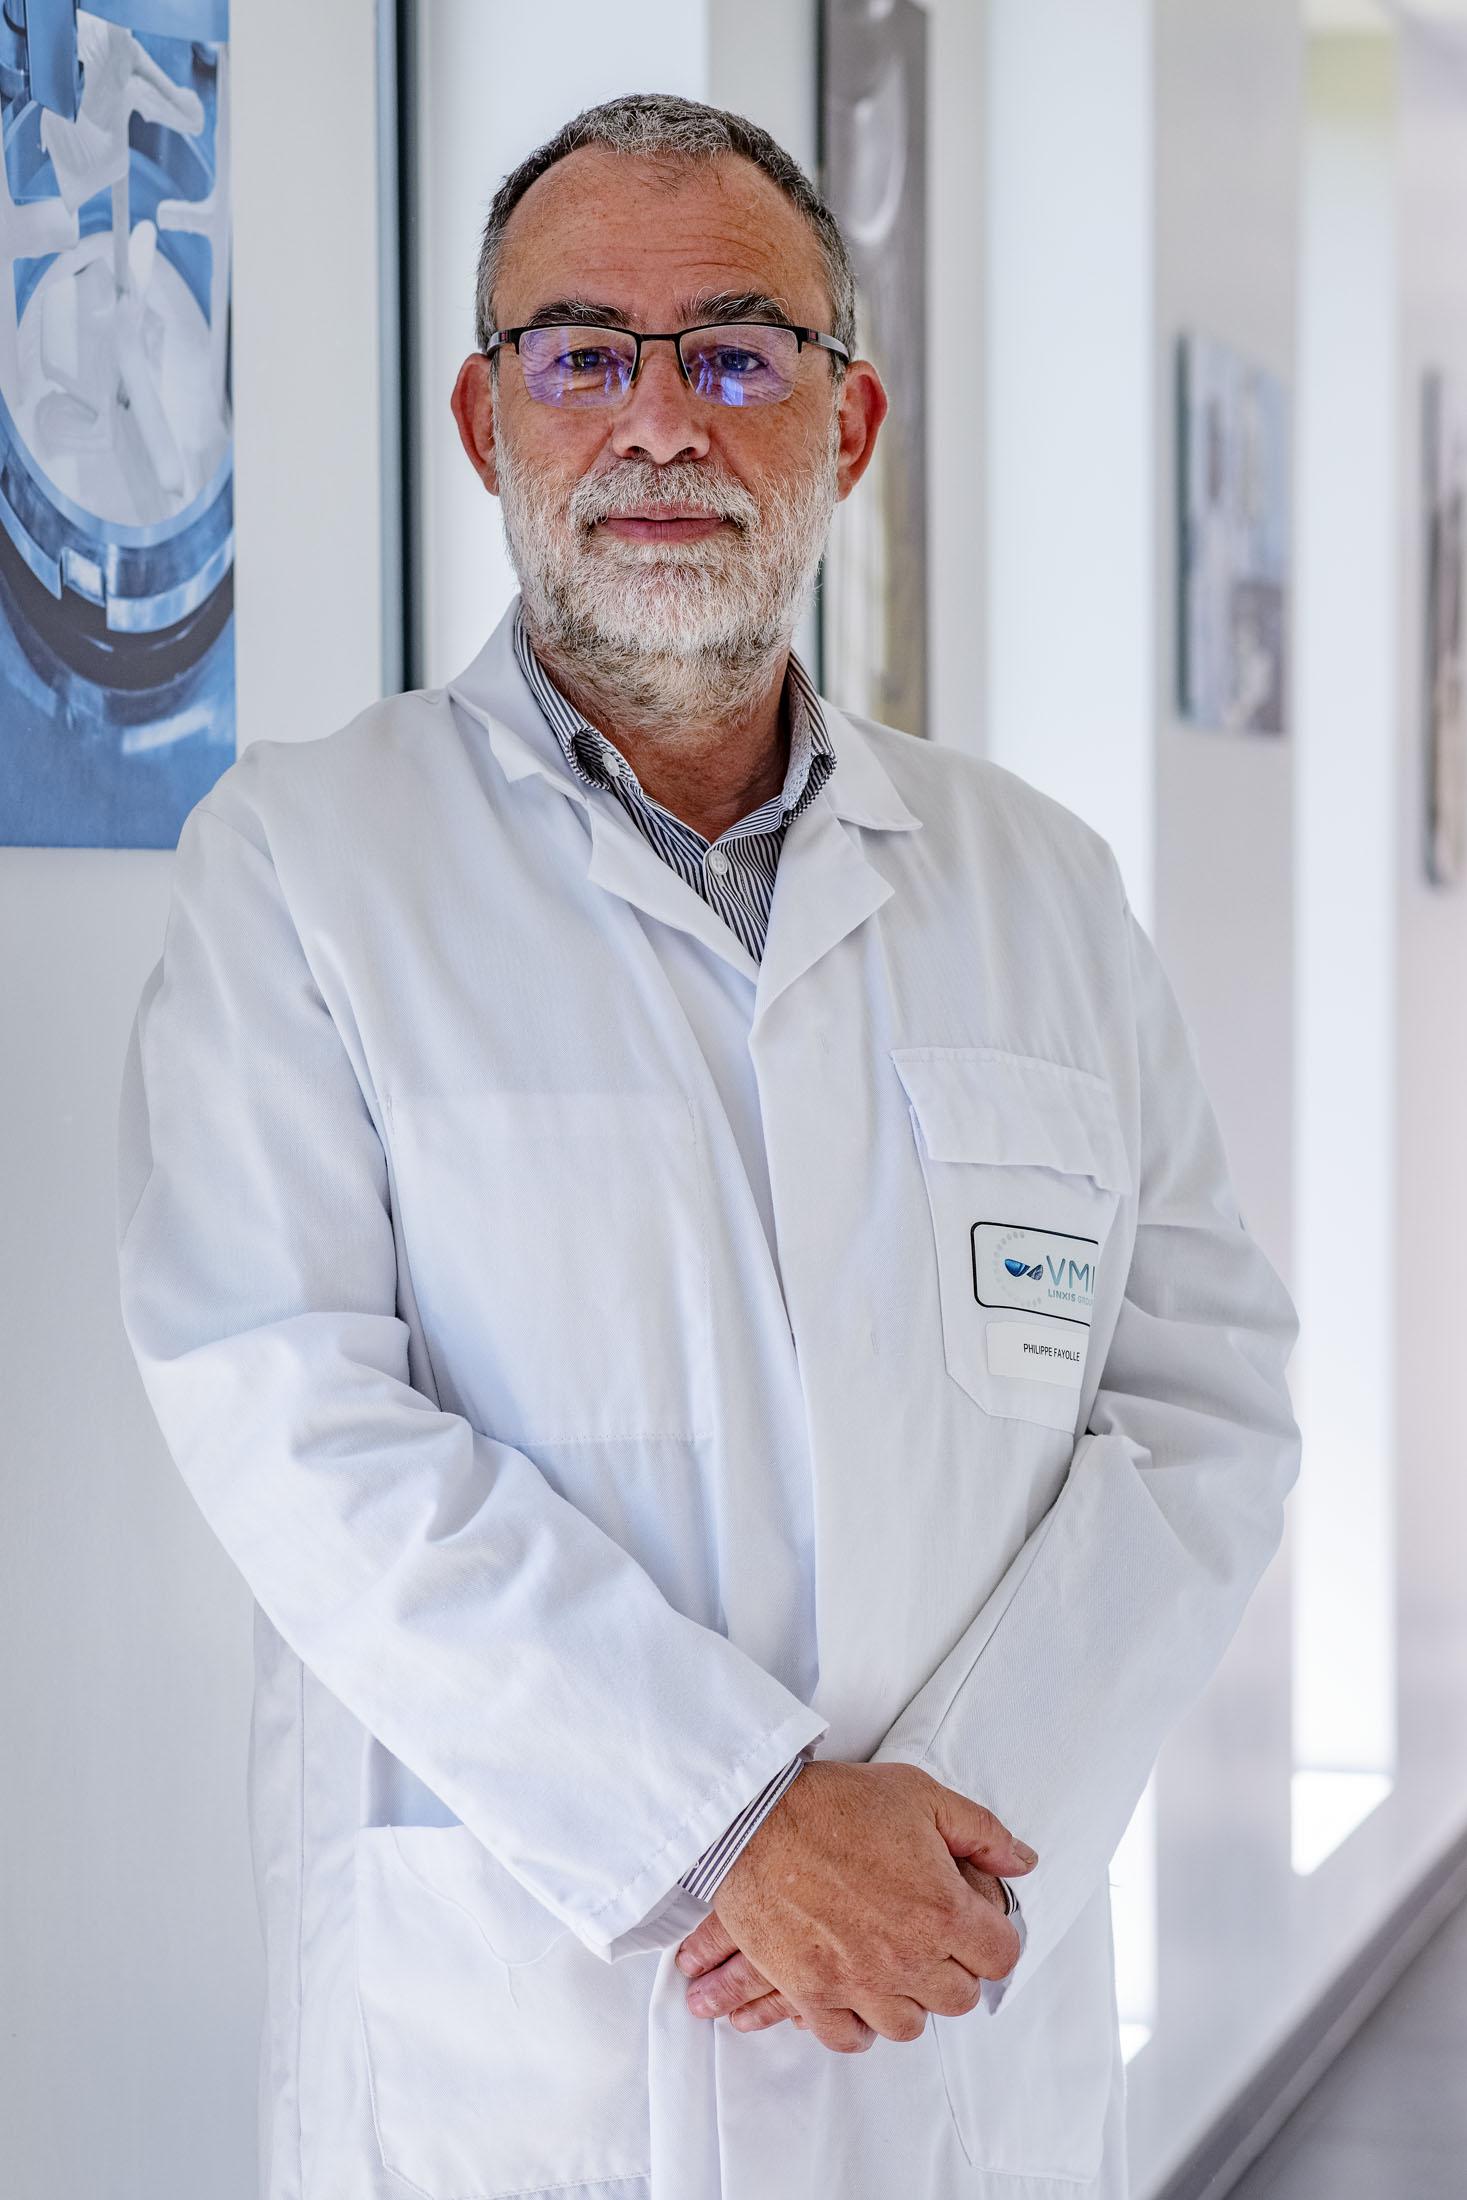 Portrait couleur d'un homme en blouse blanche dans un couloir